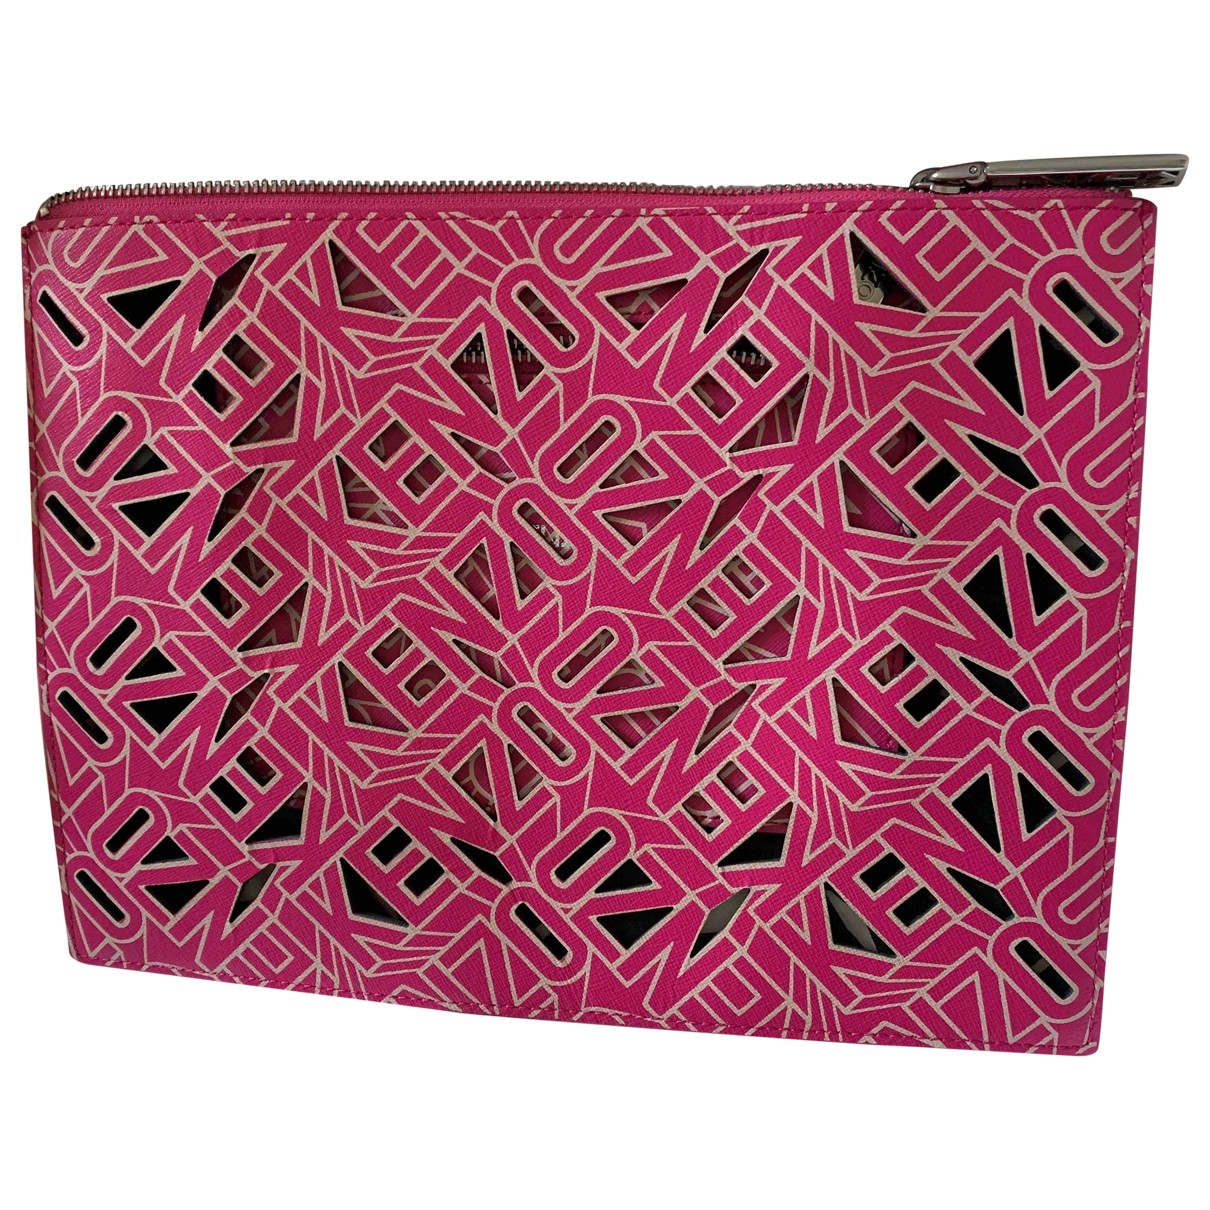 Kenzo - Petite maroquinerie   pour femme en cuir - rose